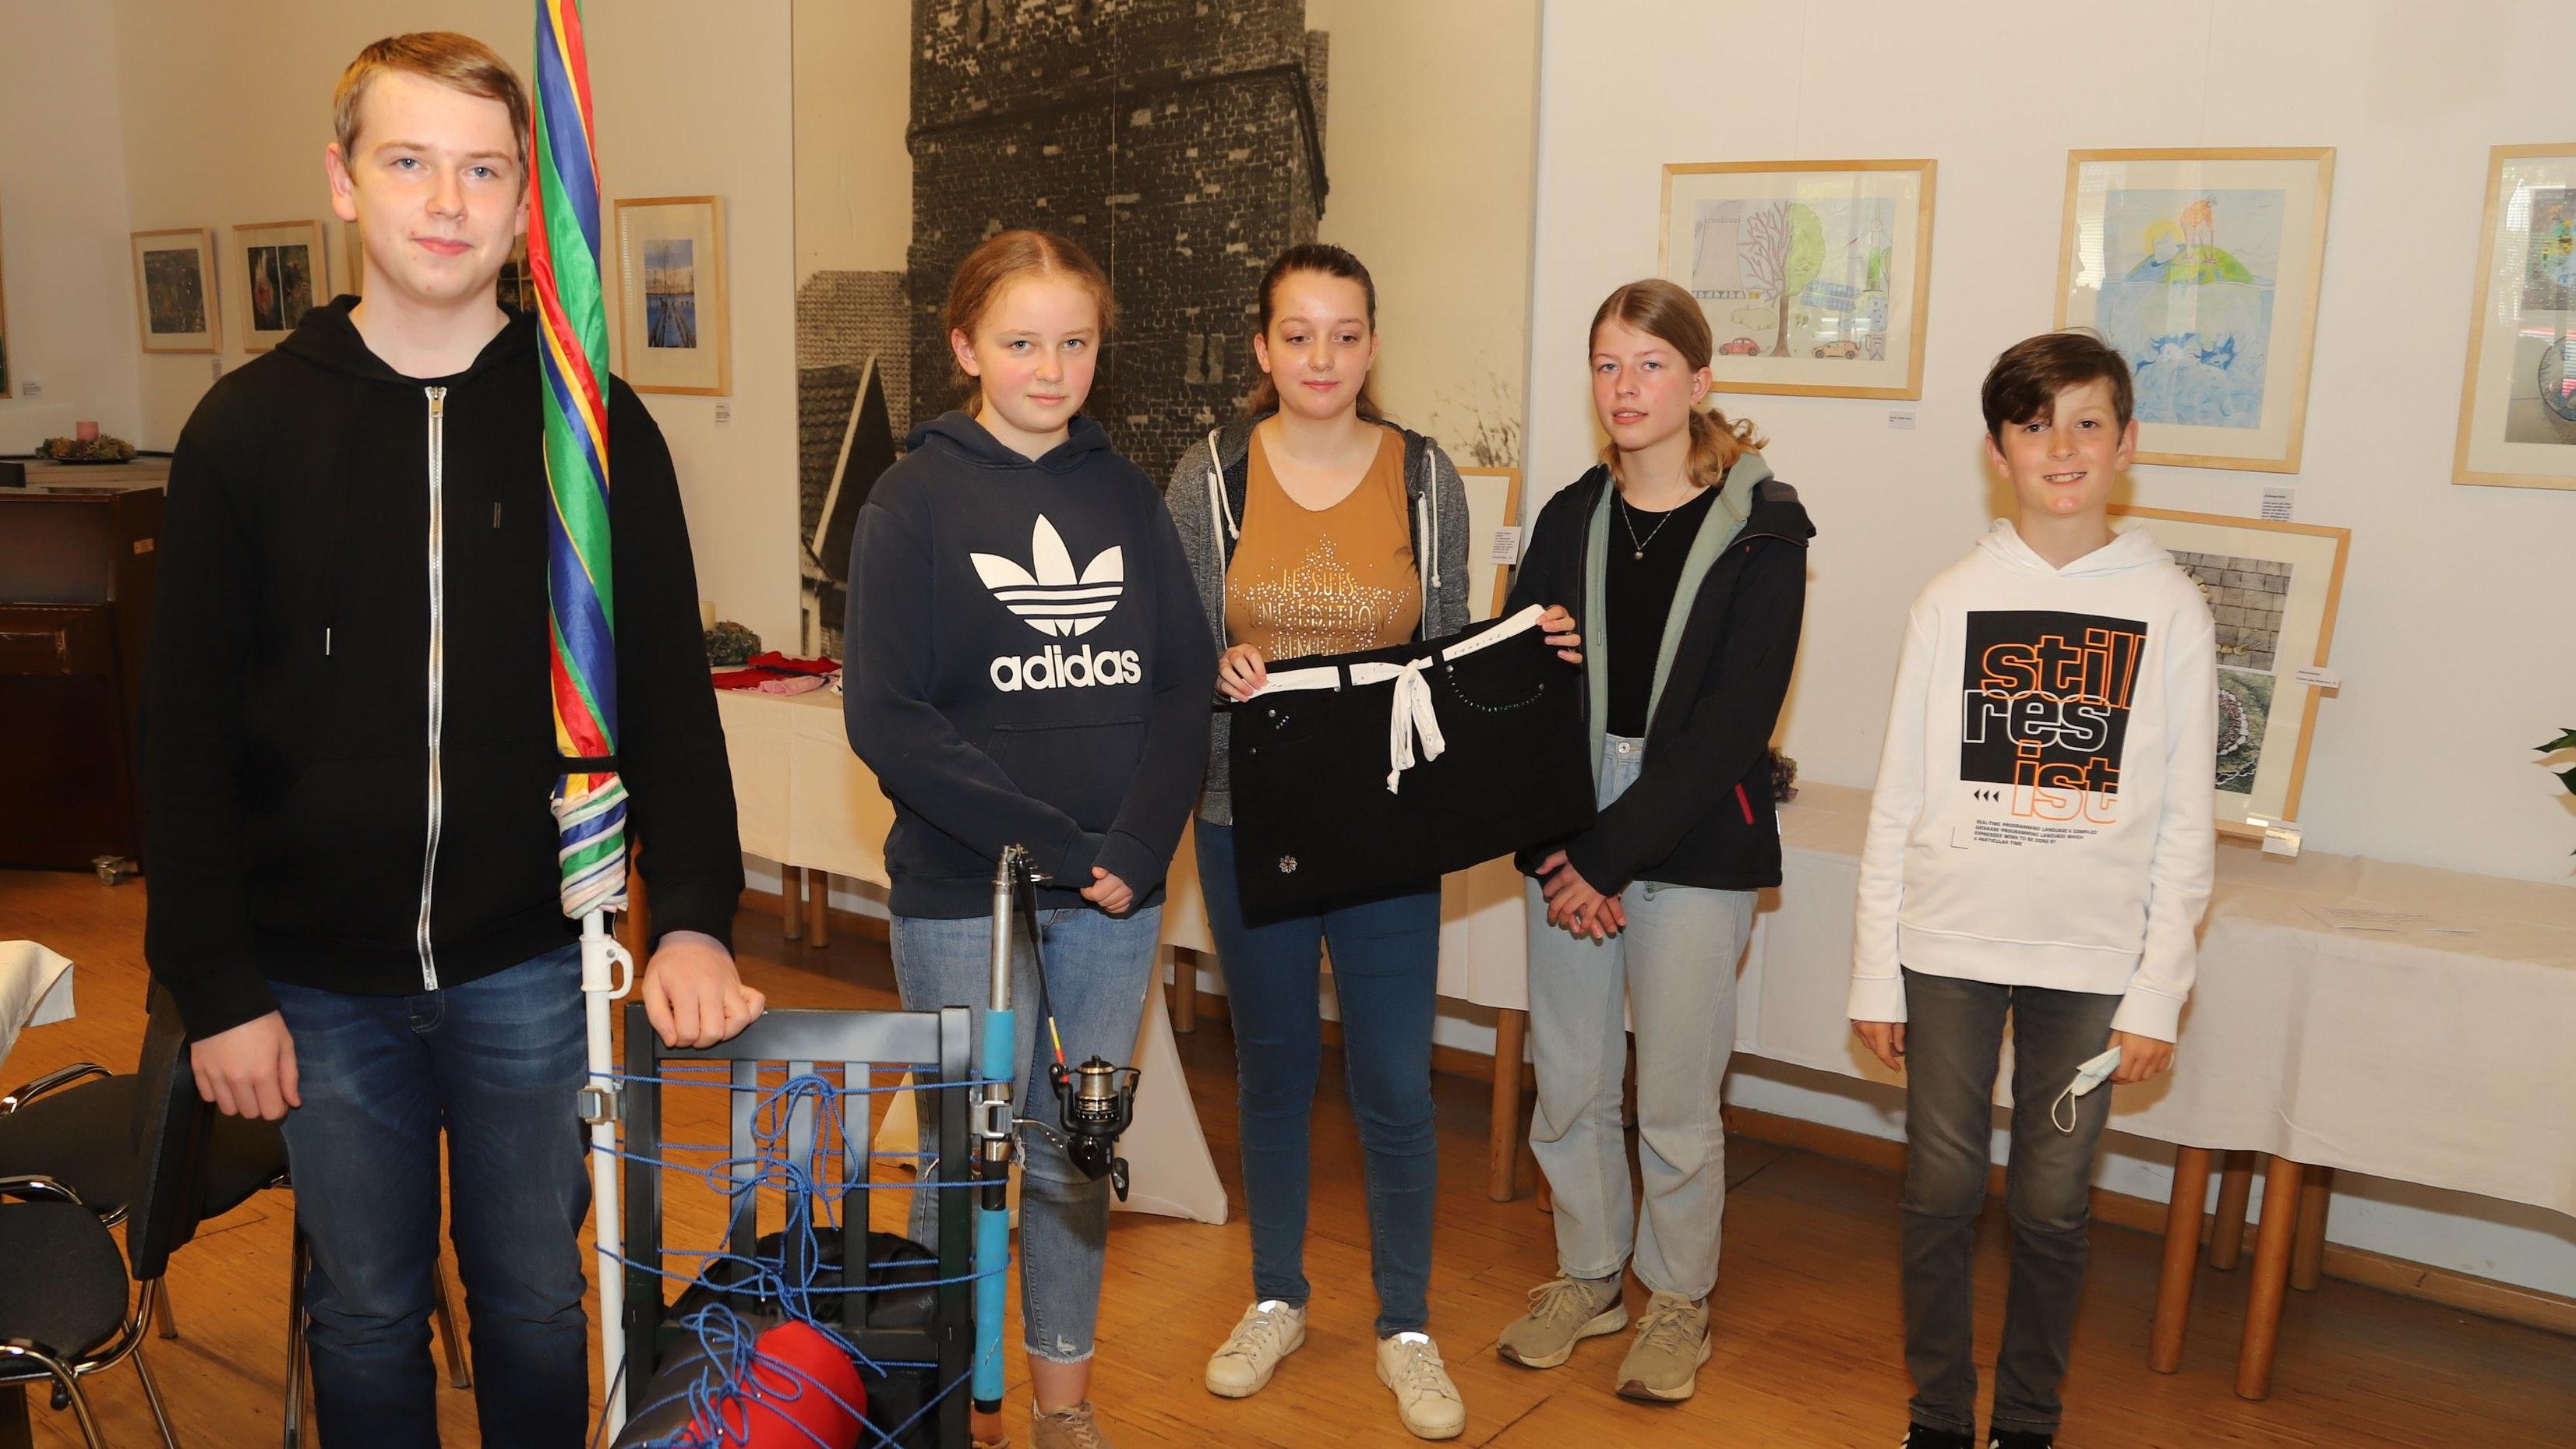 Upcycling Kunst: Schülerinnen und Schüler der Realschule Friesoythe präsentieren ihr Kunstwerke in der Wassermühle zu den Themen Klimaschutz und Umwelt. Foto: M. Passmann